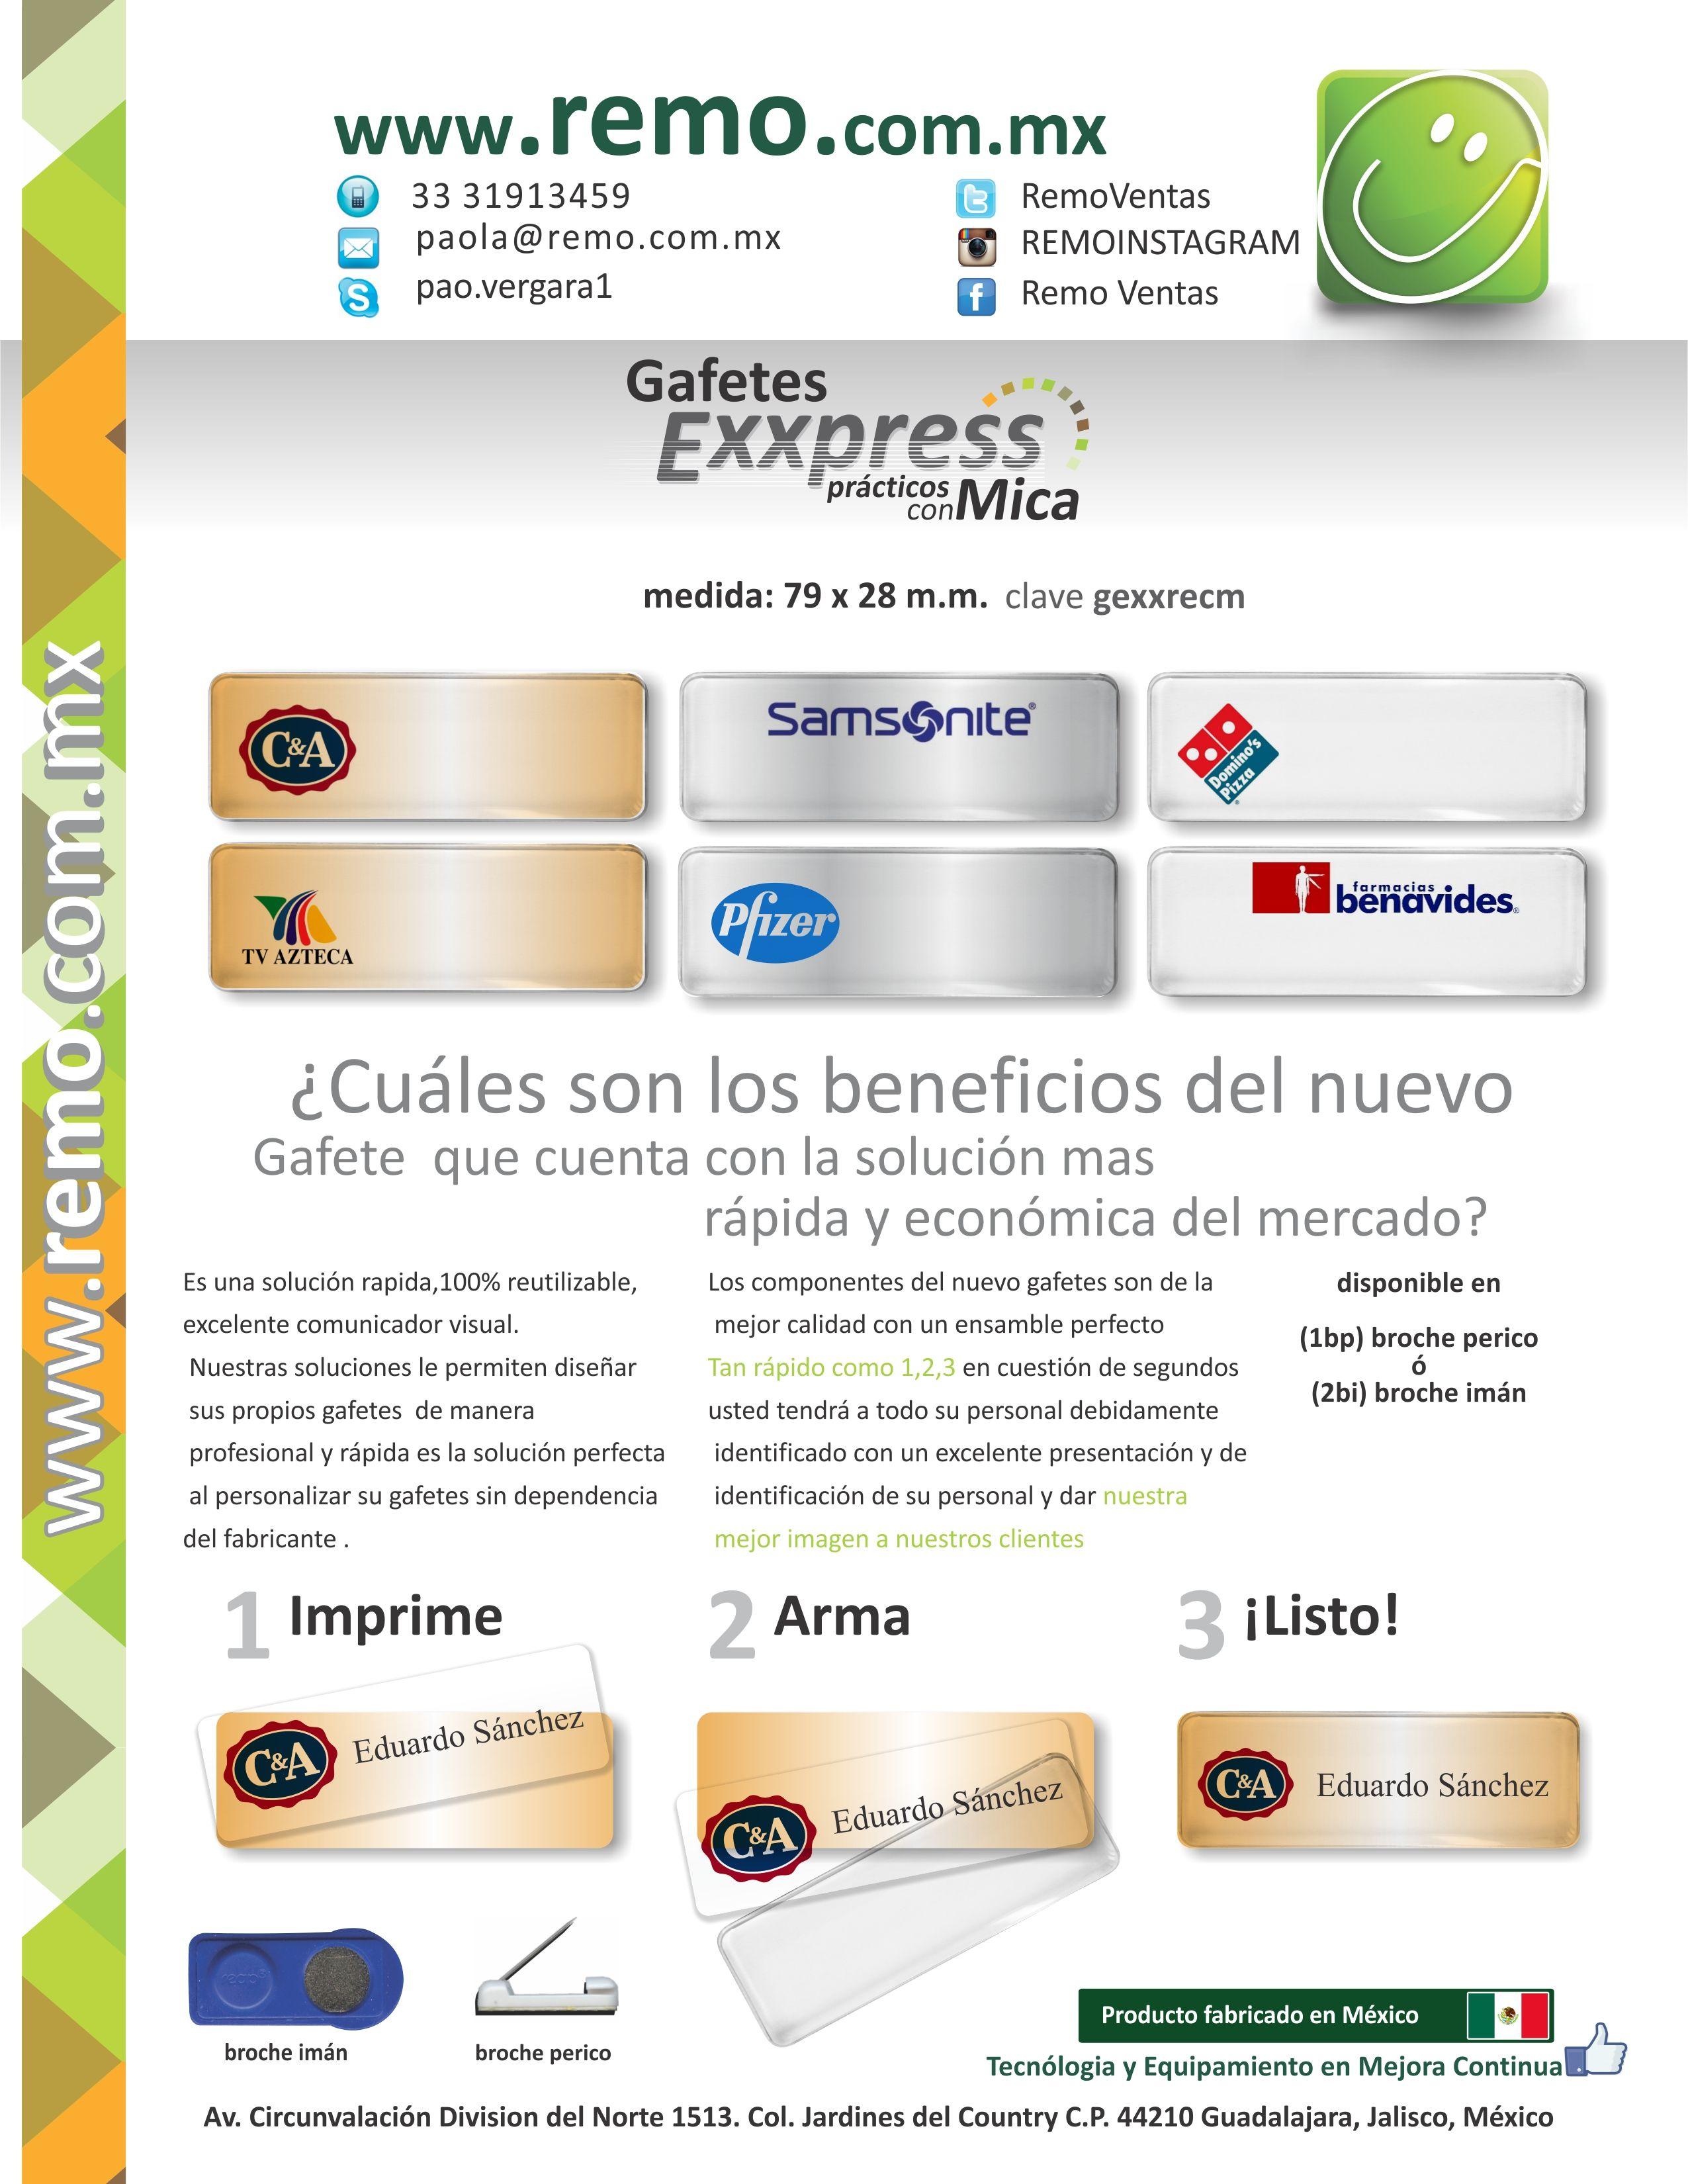 www.remo.com.mx | Gafetes de identificación | Pinterest